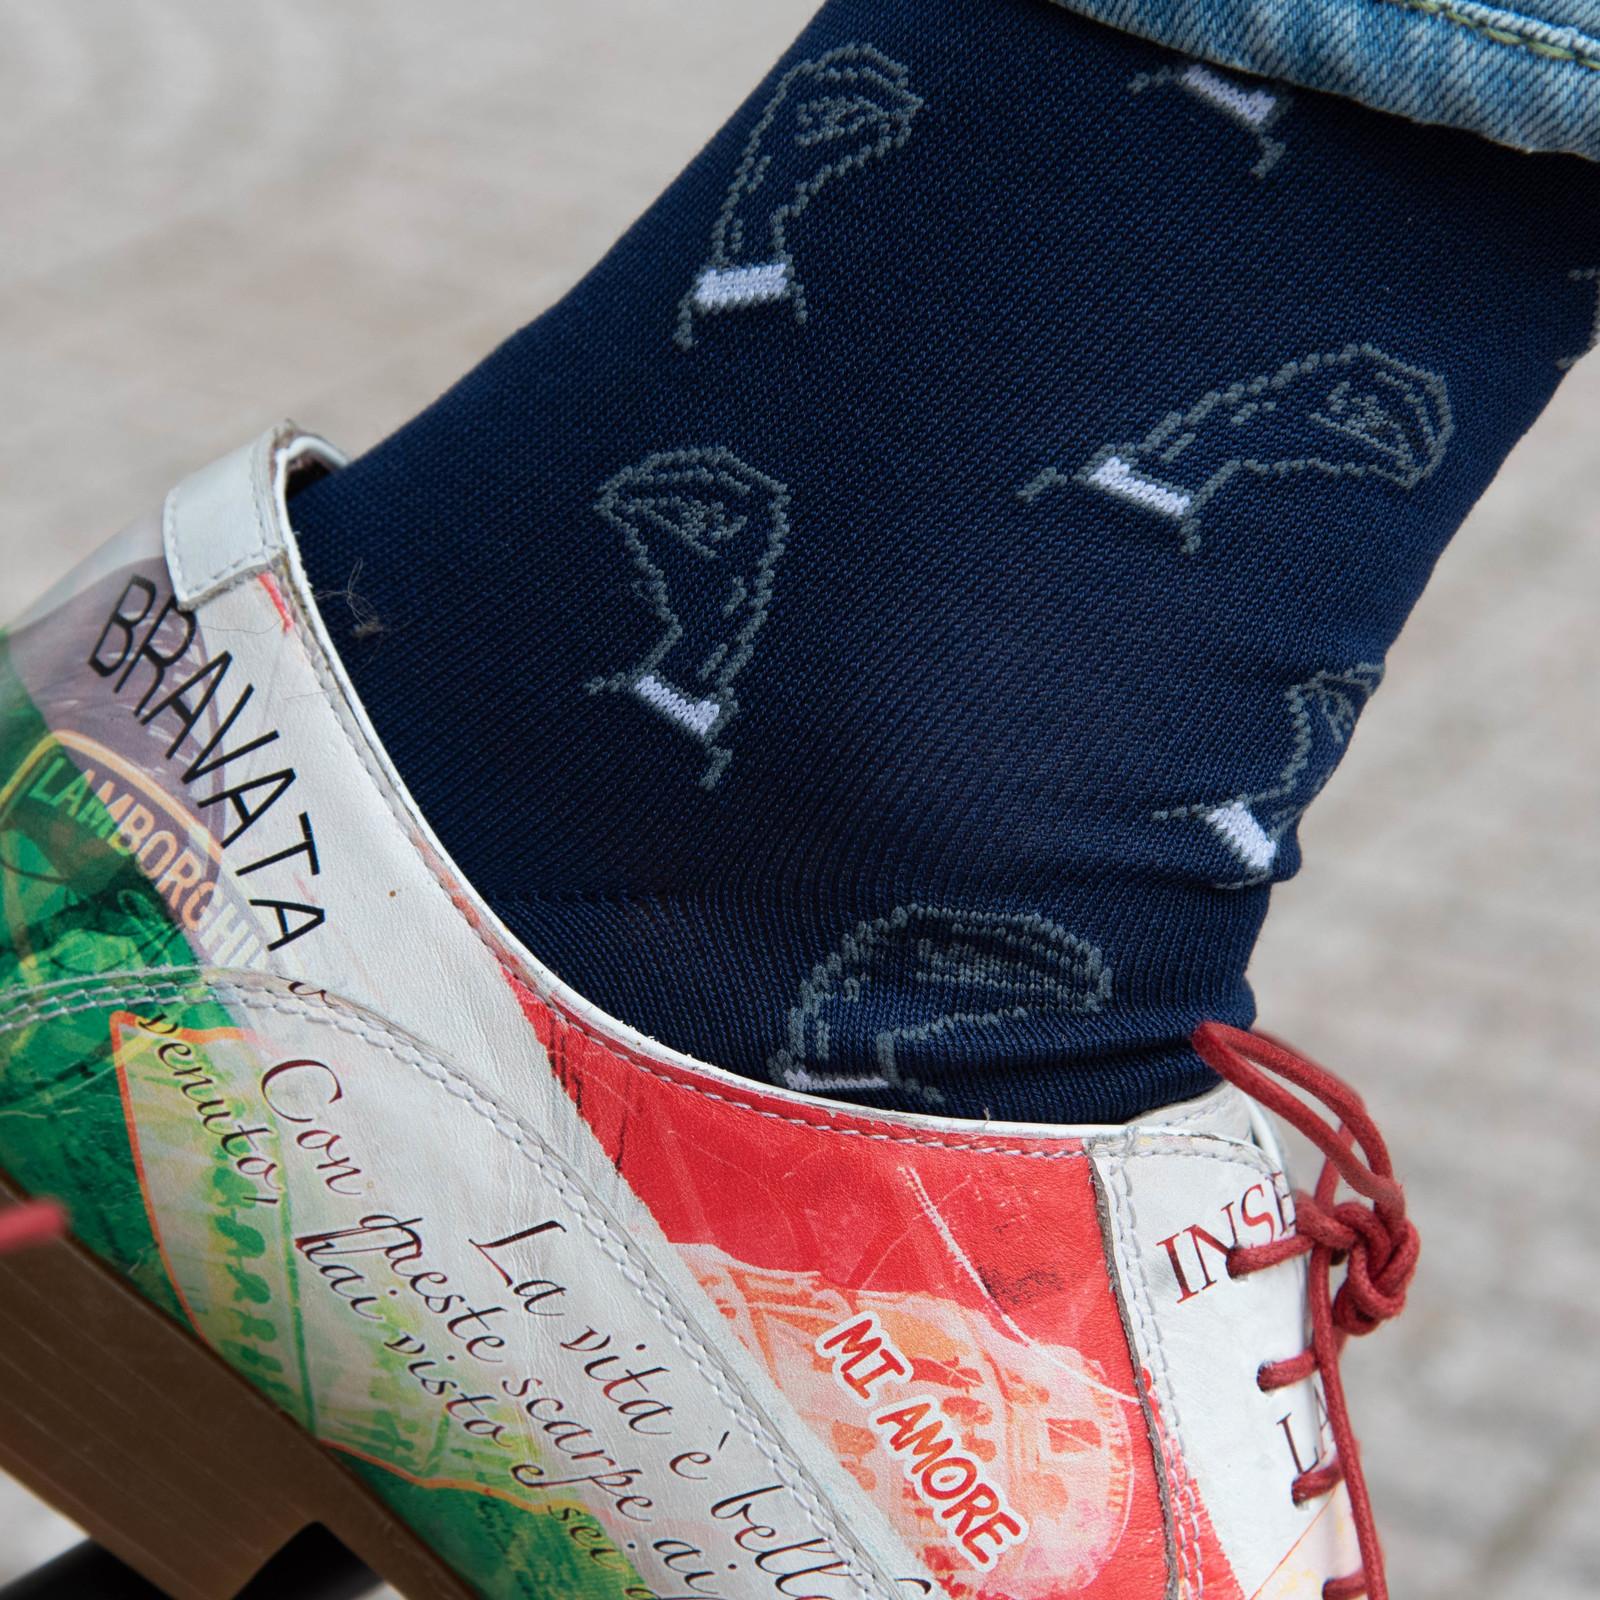 Carlo Lanza Königsblaue italienische Gesten Socken Baumwolle